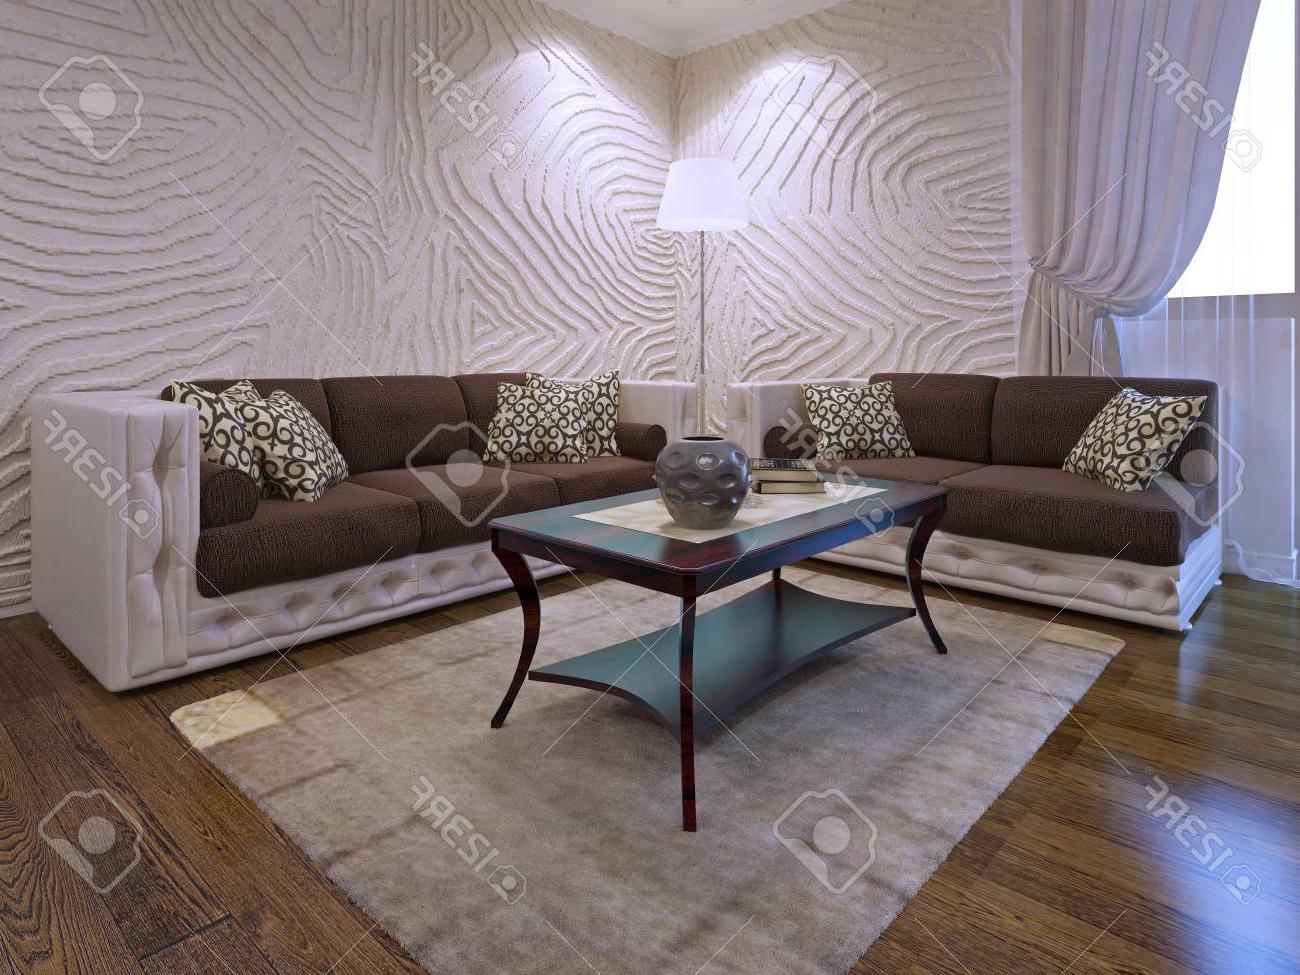 Muebles Sala De Estar Irdz Conjunto De Muebles De Sala De Estar Elegante Dos sofà S De Color